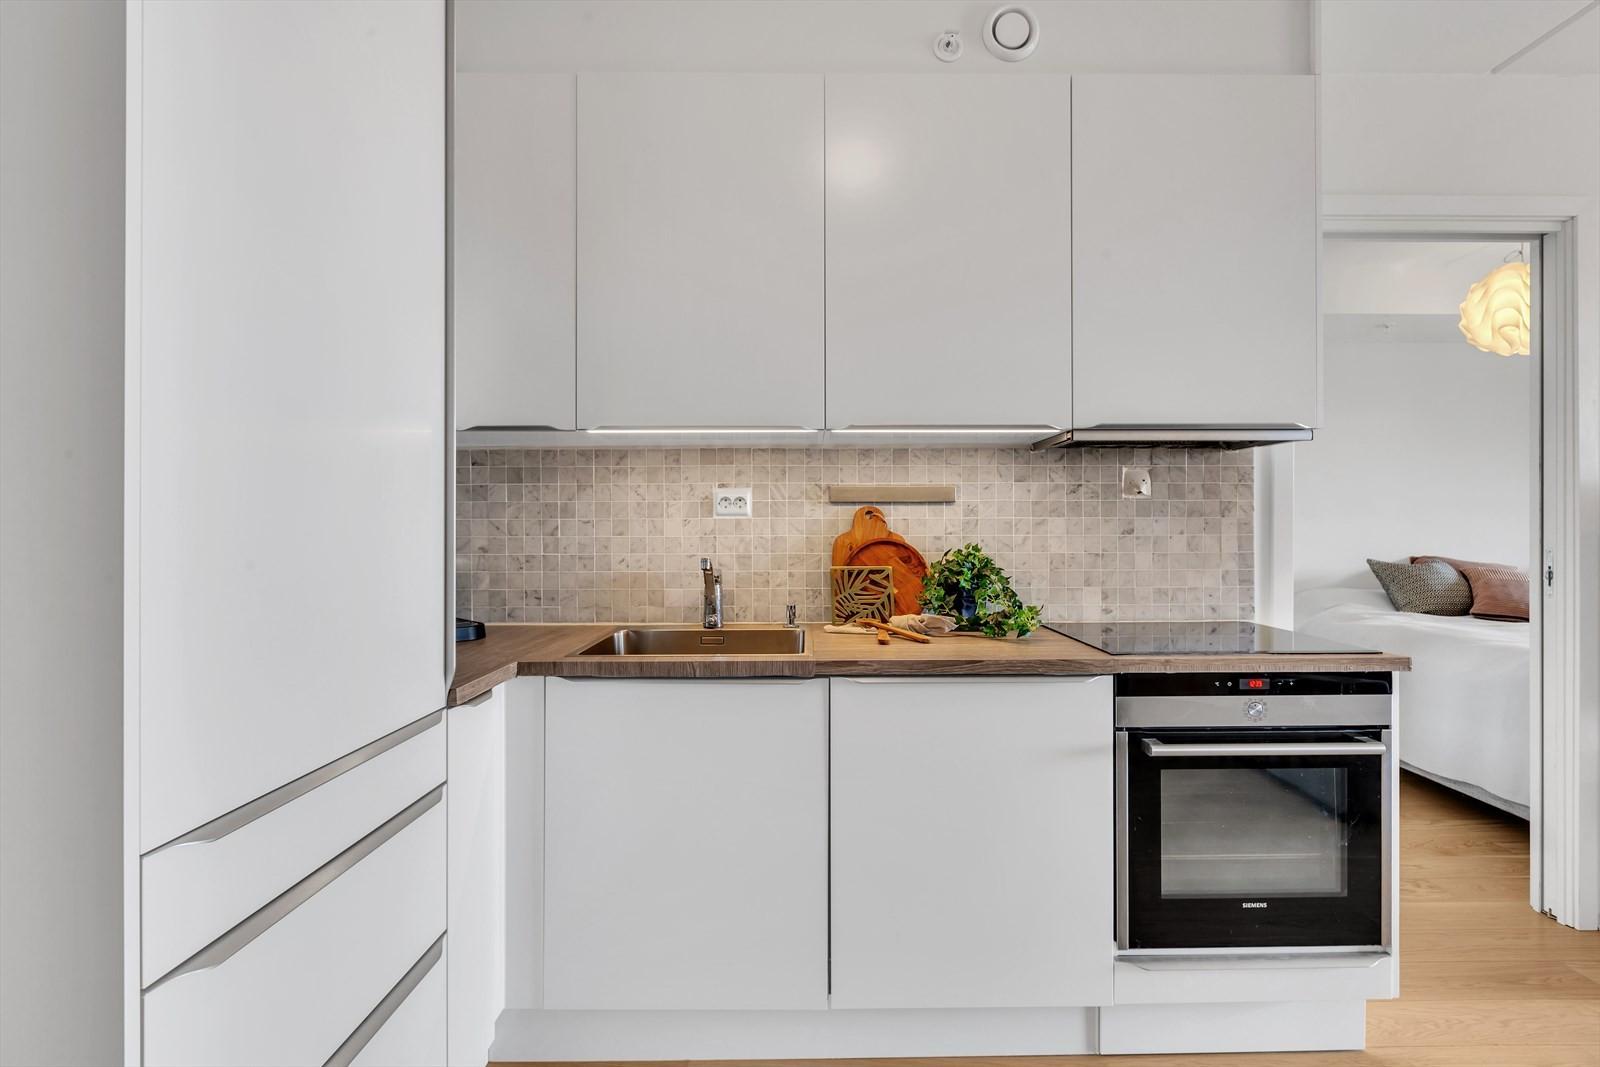 Innbydende og moderne kjøkken med integrerte hvitevarer.